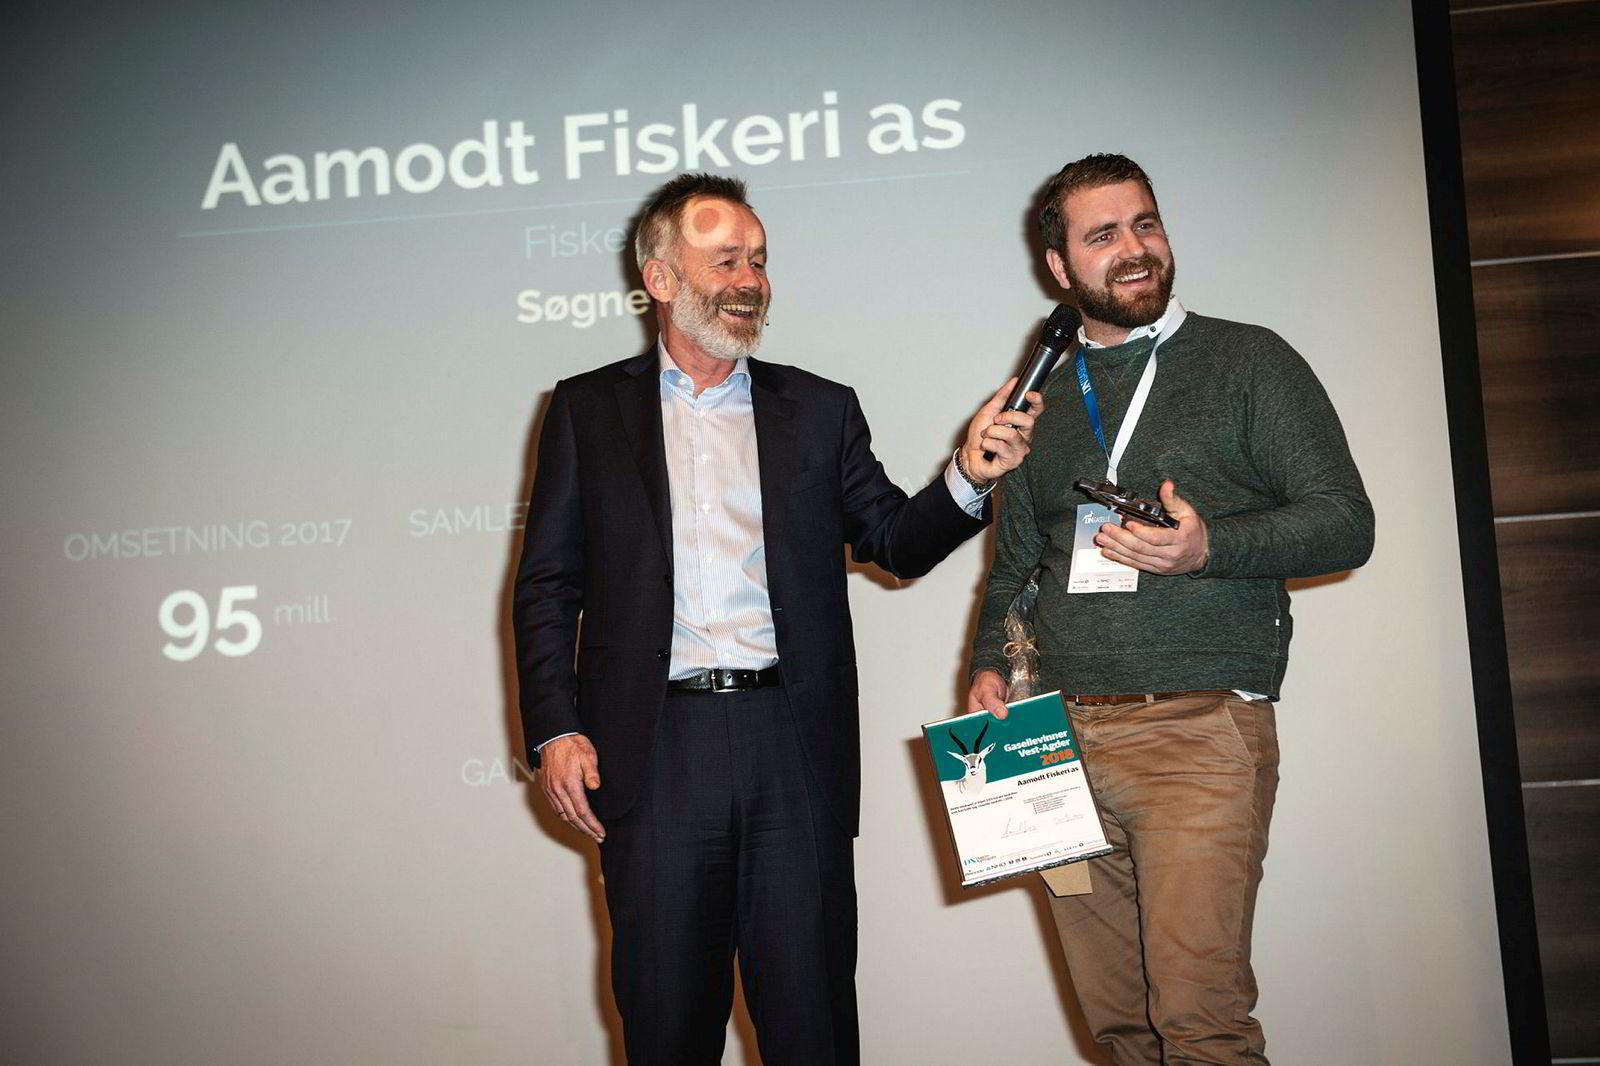 Gründeren Carl Aamodt (til høyre) i Aamodt Fiskeri i Søgne seilte til topps på gasellelisten for Vest-Agder. Til venstre DNs sjefredaktør Amund Djuve